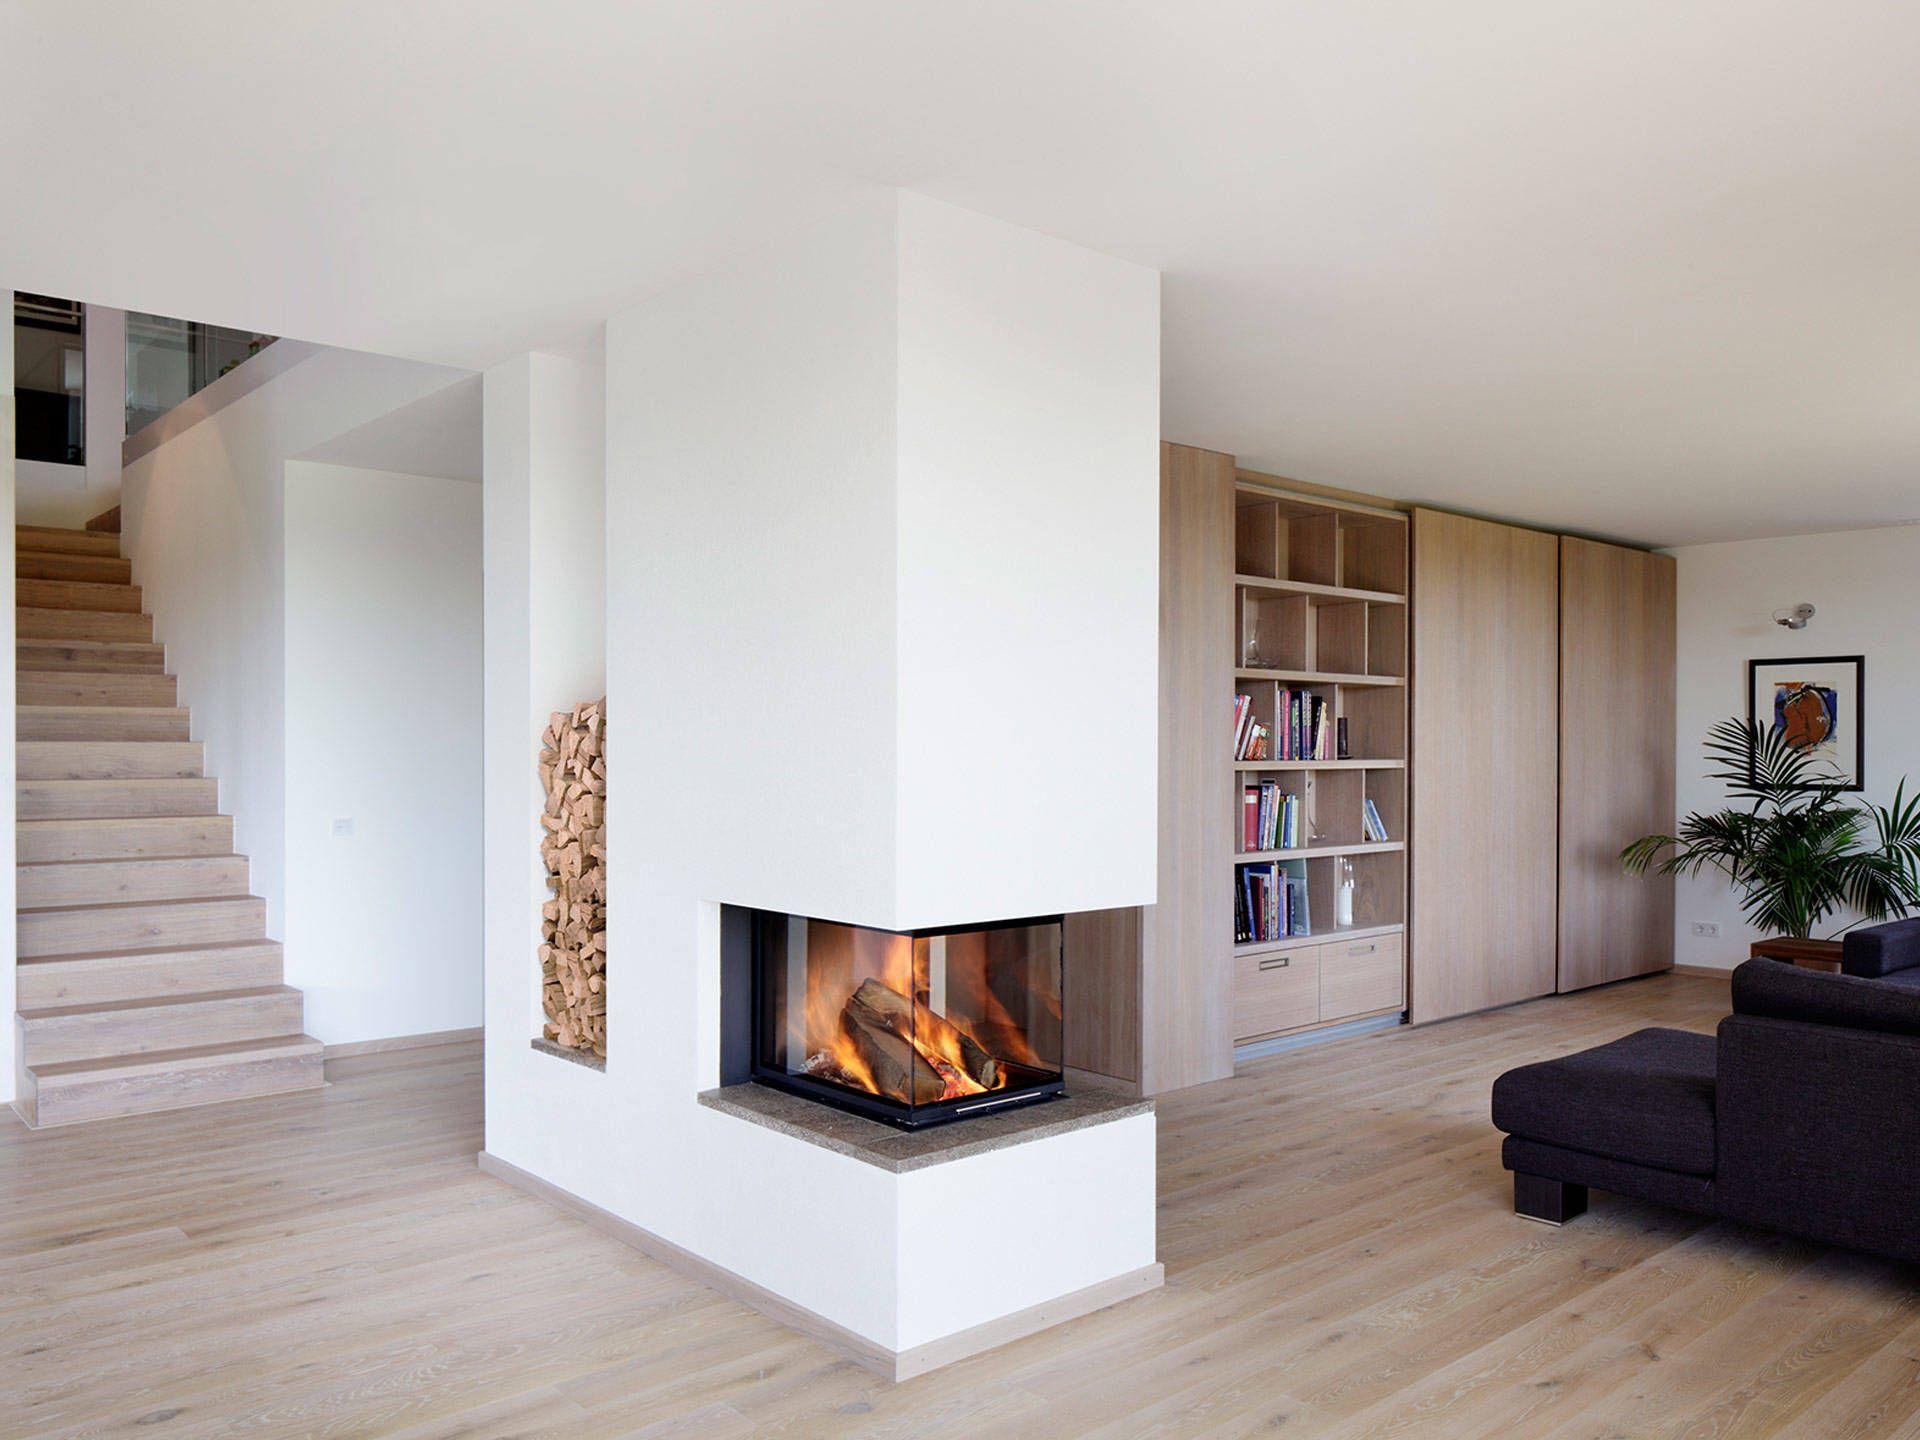 Musterhaus inneneinrichtung wohnzimmer  Kamin im Passivhaus Kiefer von Baufritz • Mit Musterhaus.net ...